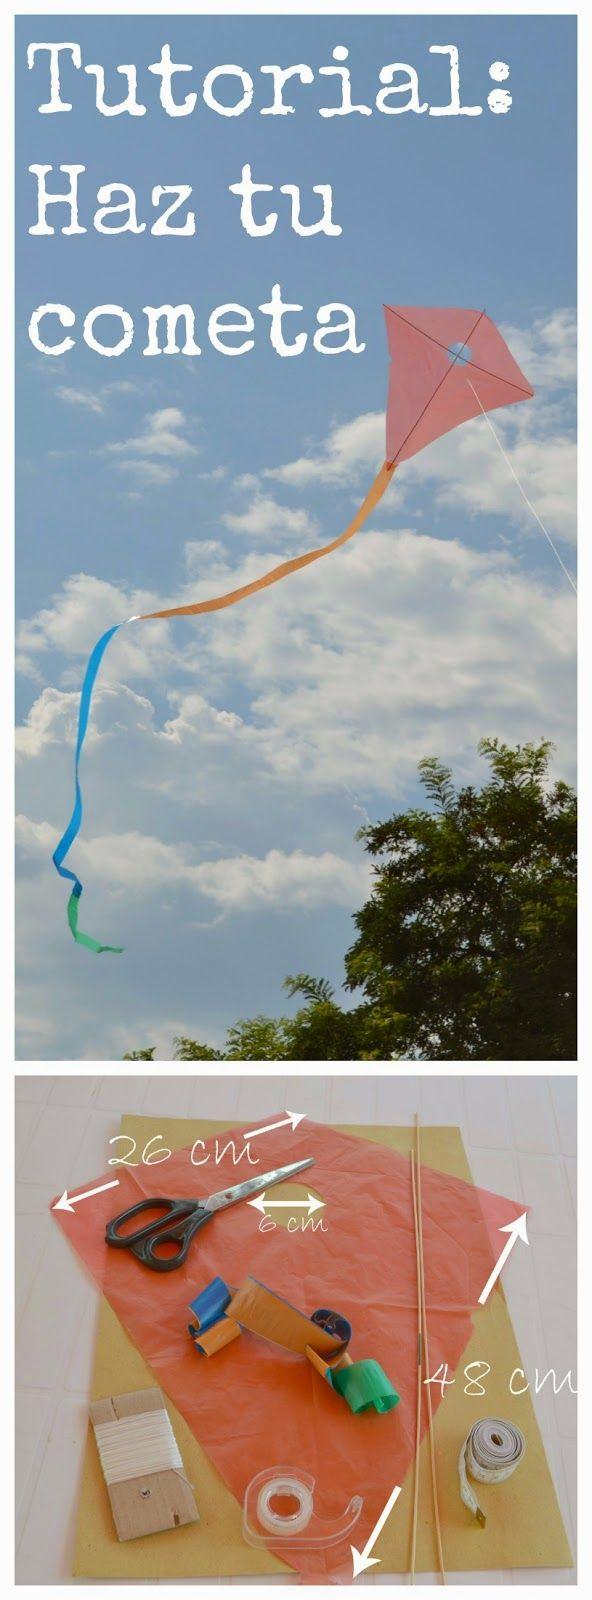 Tutorial: Cómo hacer tu propia cometa ~ Manzanaterapia